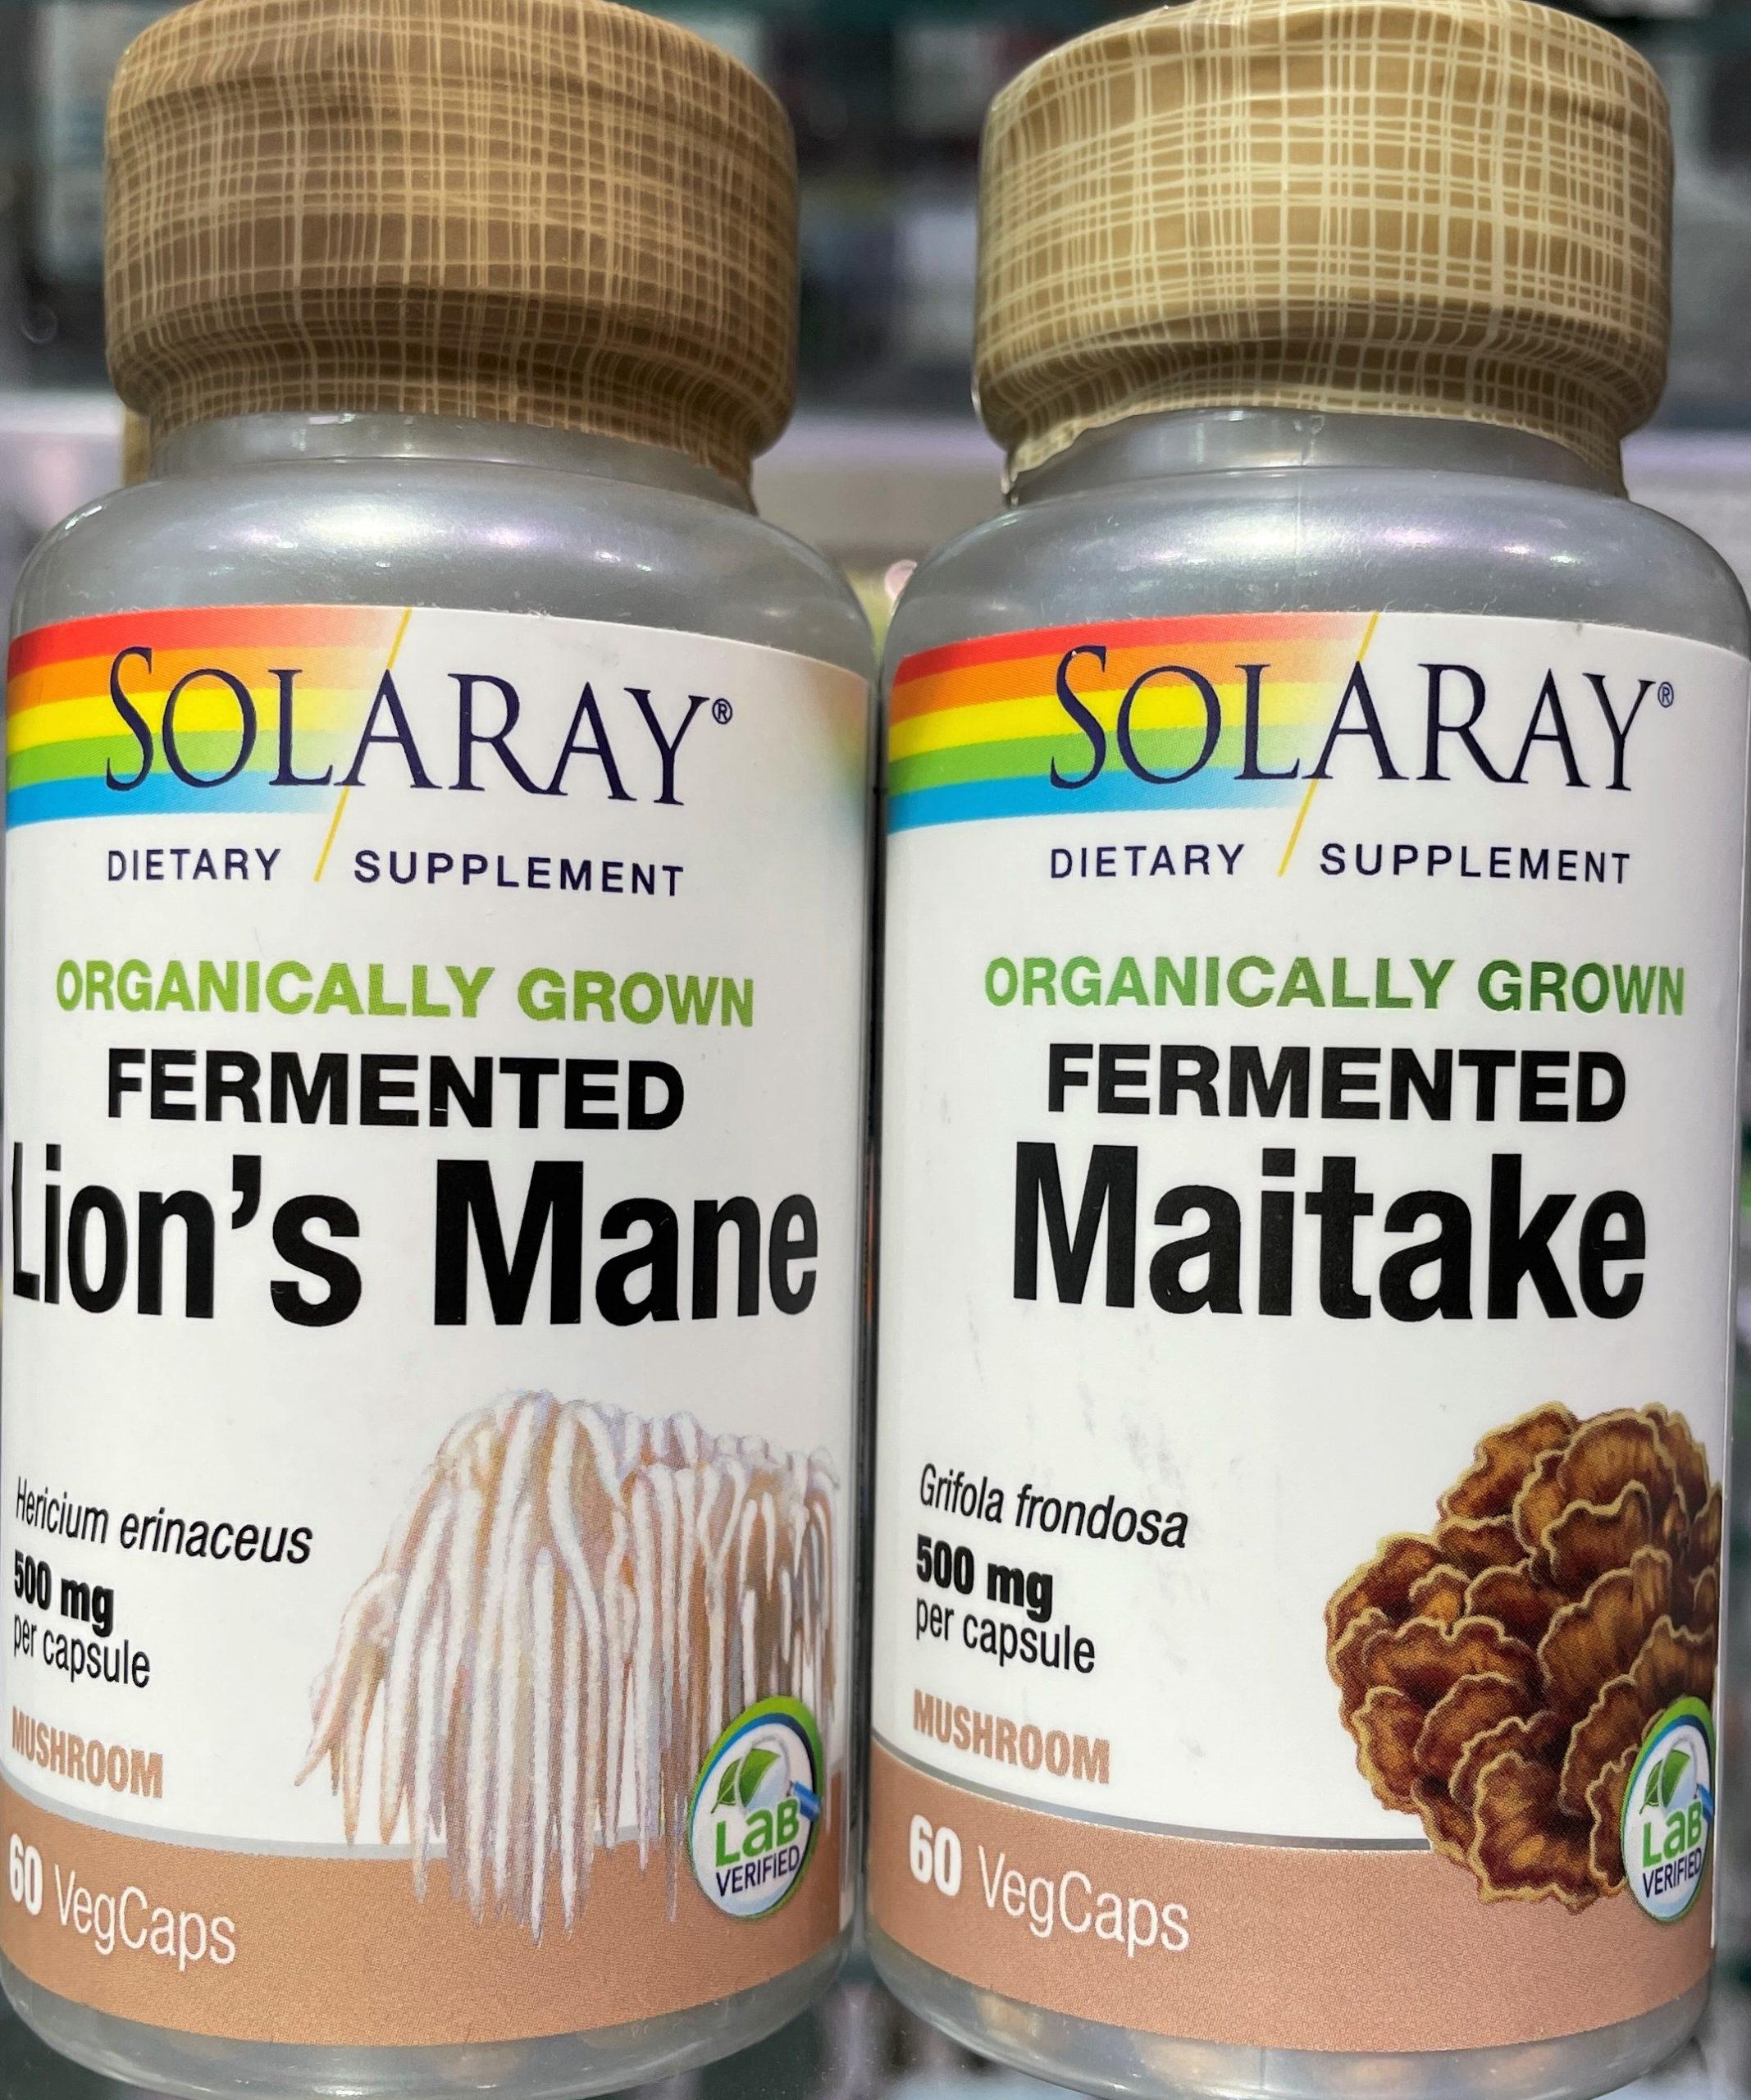 Fermented Lion's Mane de Solaray apoya a la función cognitiva gracias a su acción neuroprotectora